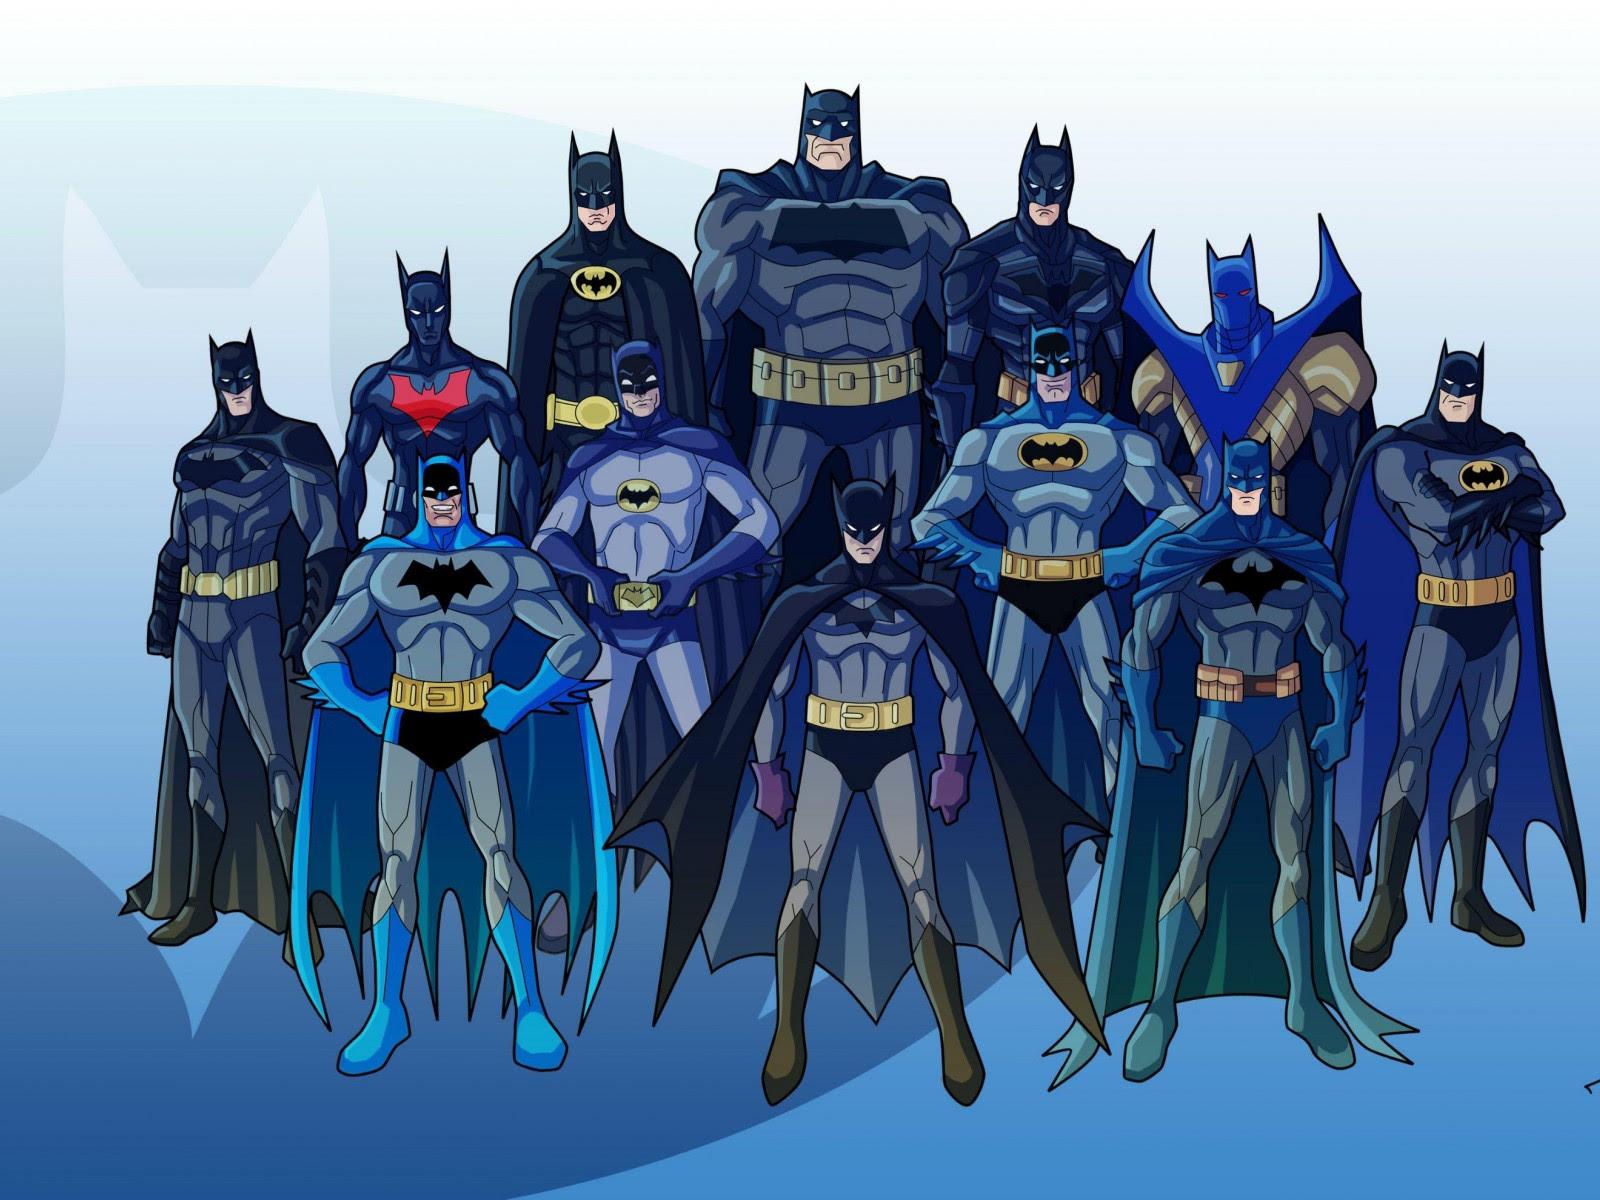 Batman The Dark Knight Returns Hd Wallpaper 1600x1200 Hd